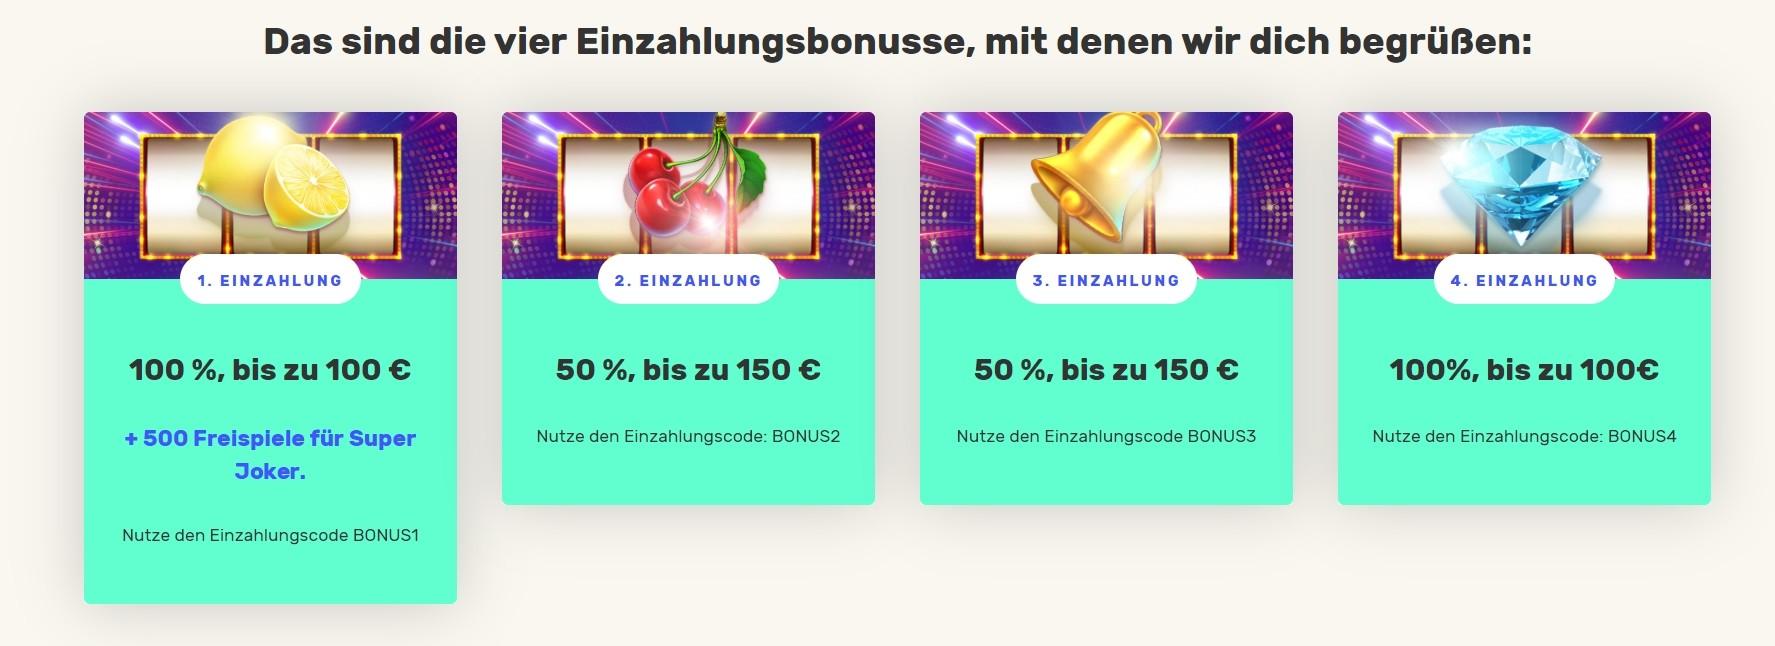 Justspin Casino Willkommenspaket mit den ersten vier Einzahlungen